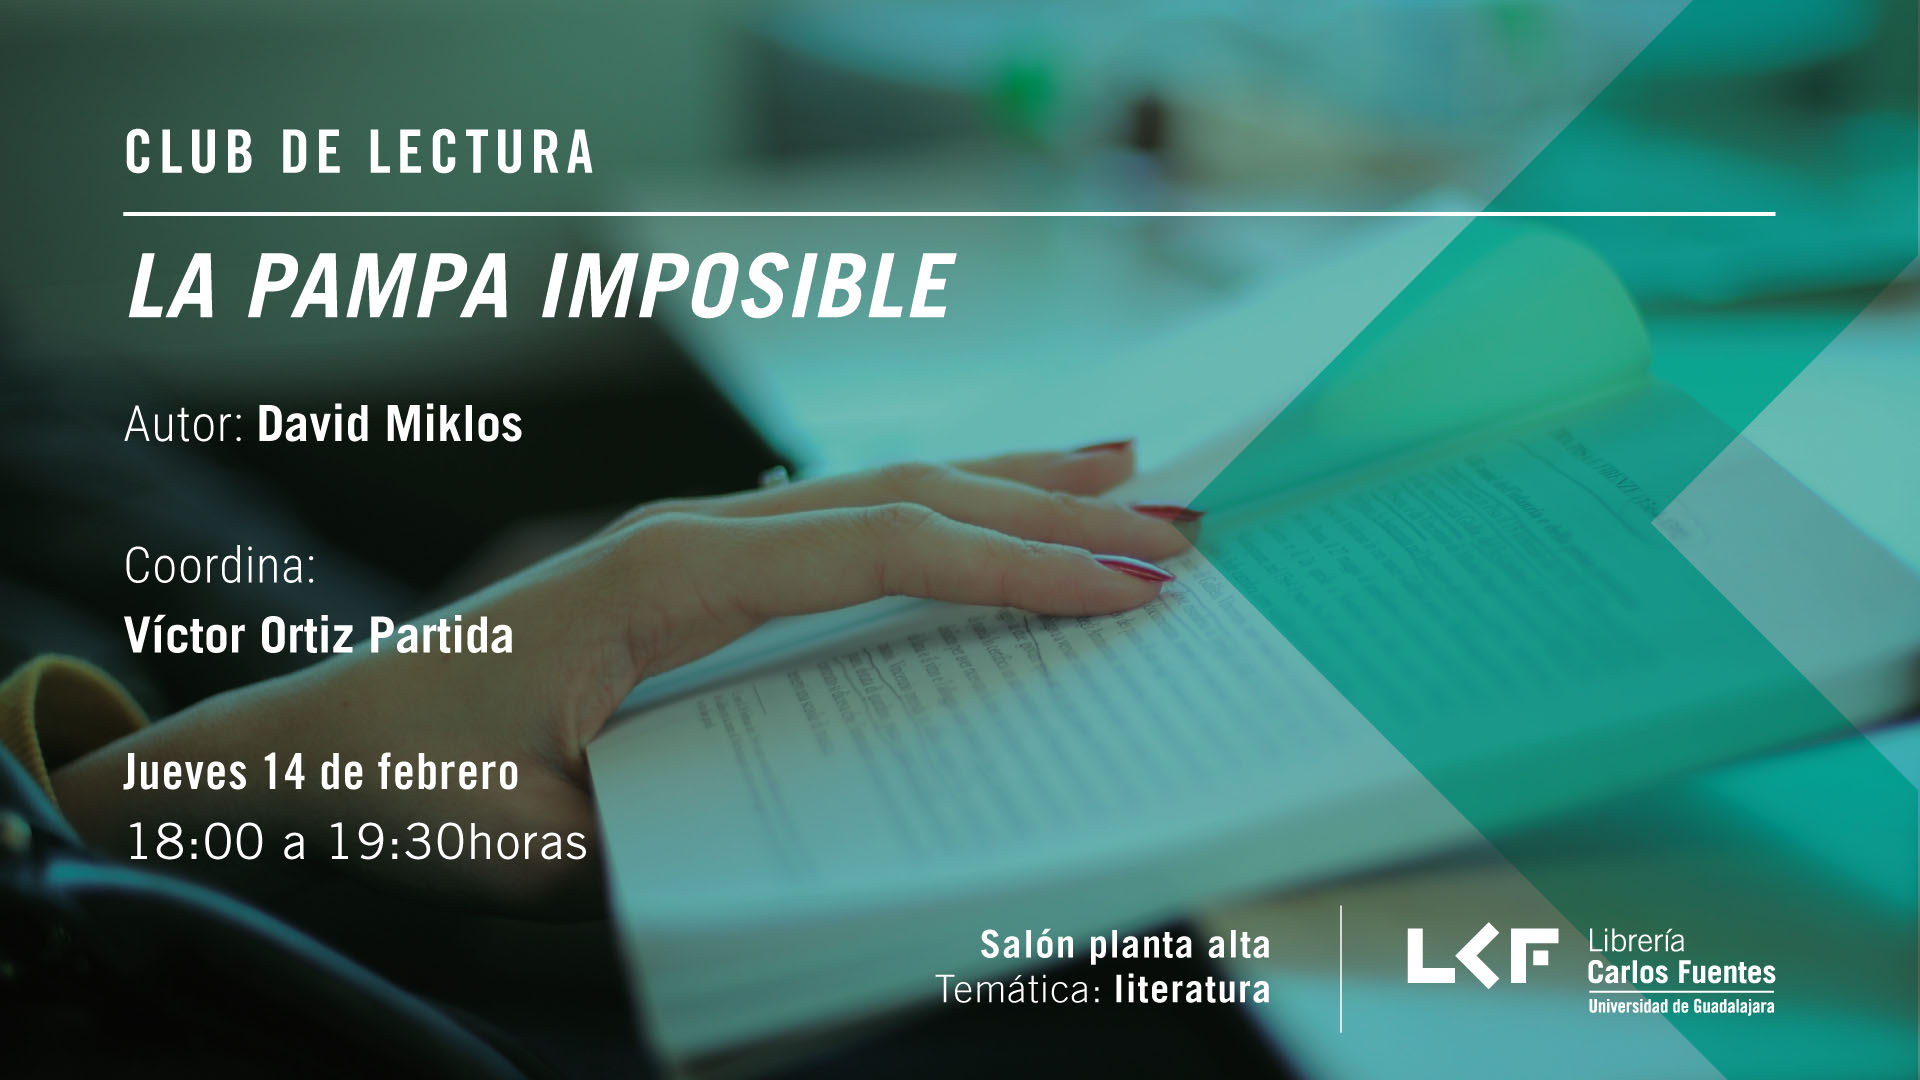 Cartel informativo sobre el Club de lectura: La pampa imposible, el 14 de febrero, de 18:00 a 19:30 h. en el Salón planta alta, Librería Carlos Fuentes.